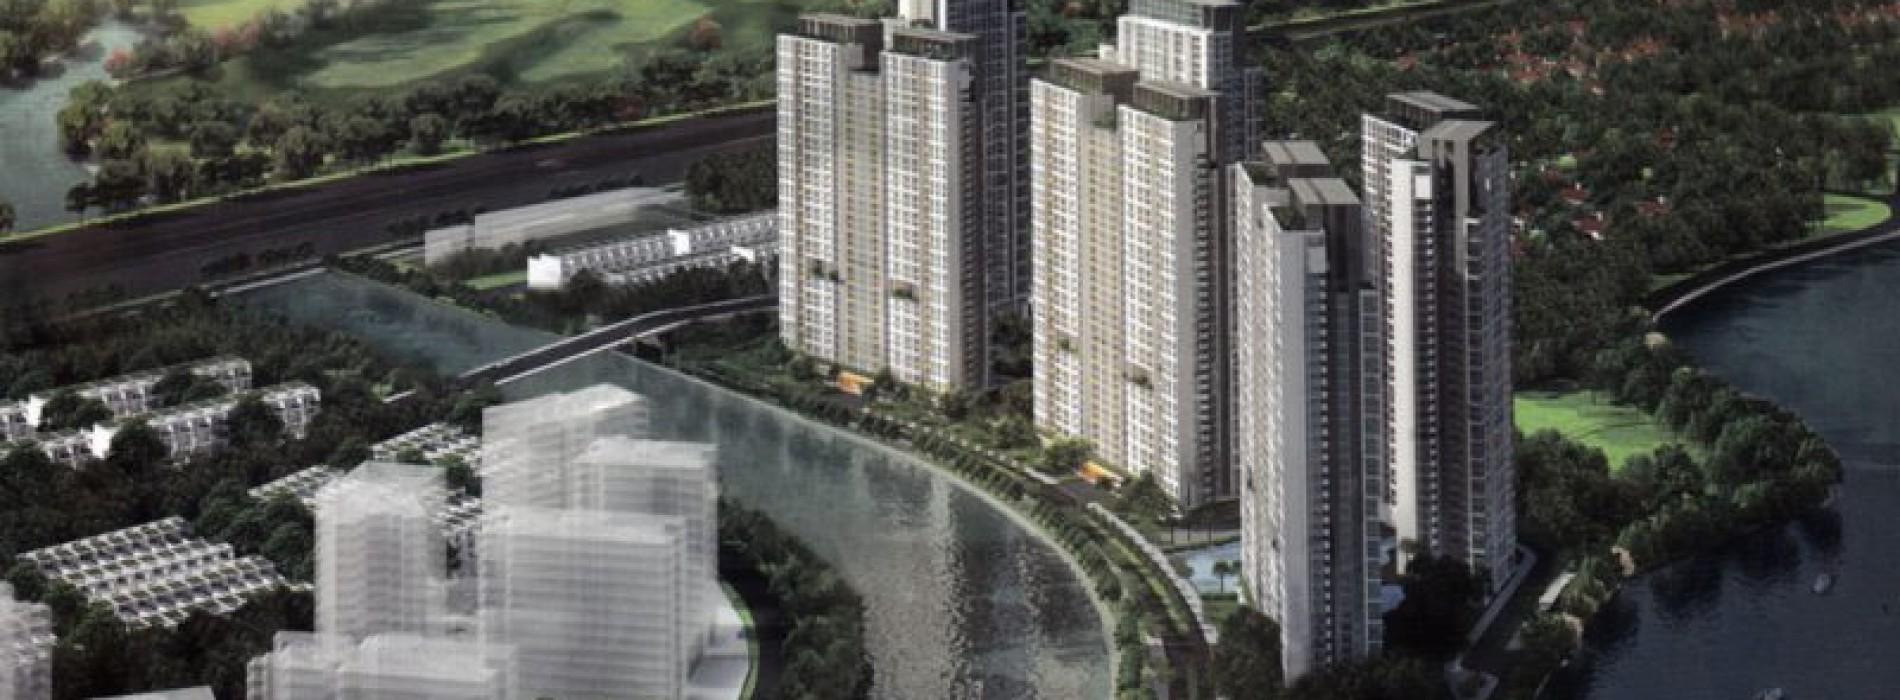 Đánh giá cuộc sống tại dự án căn hộ cao cấp Gem Riverside